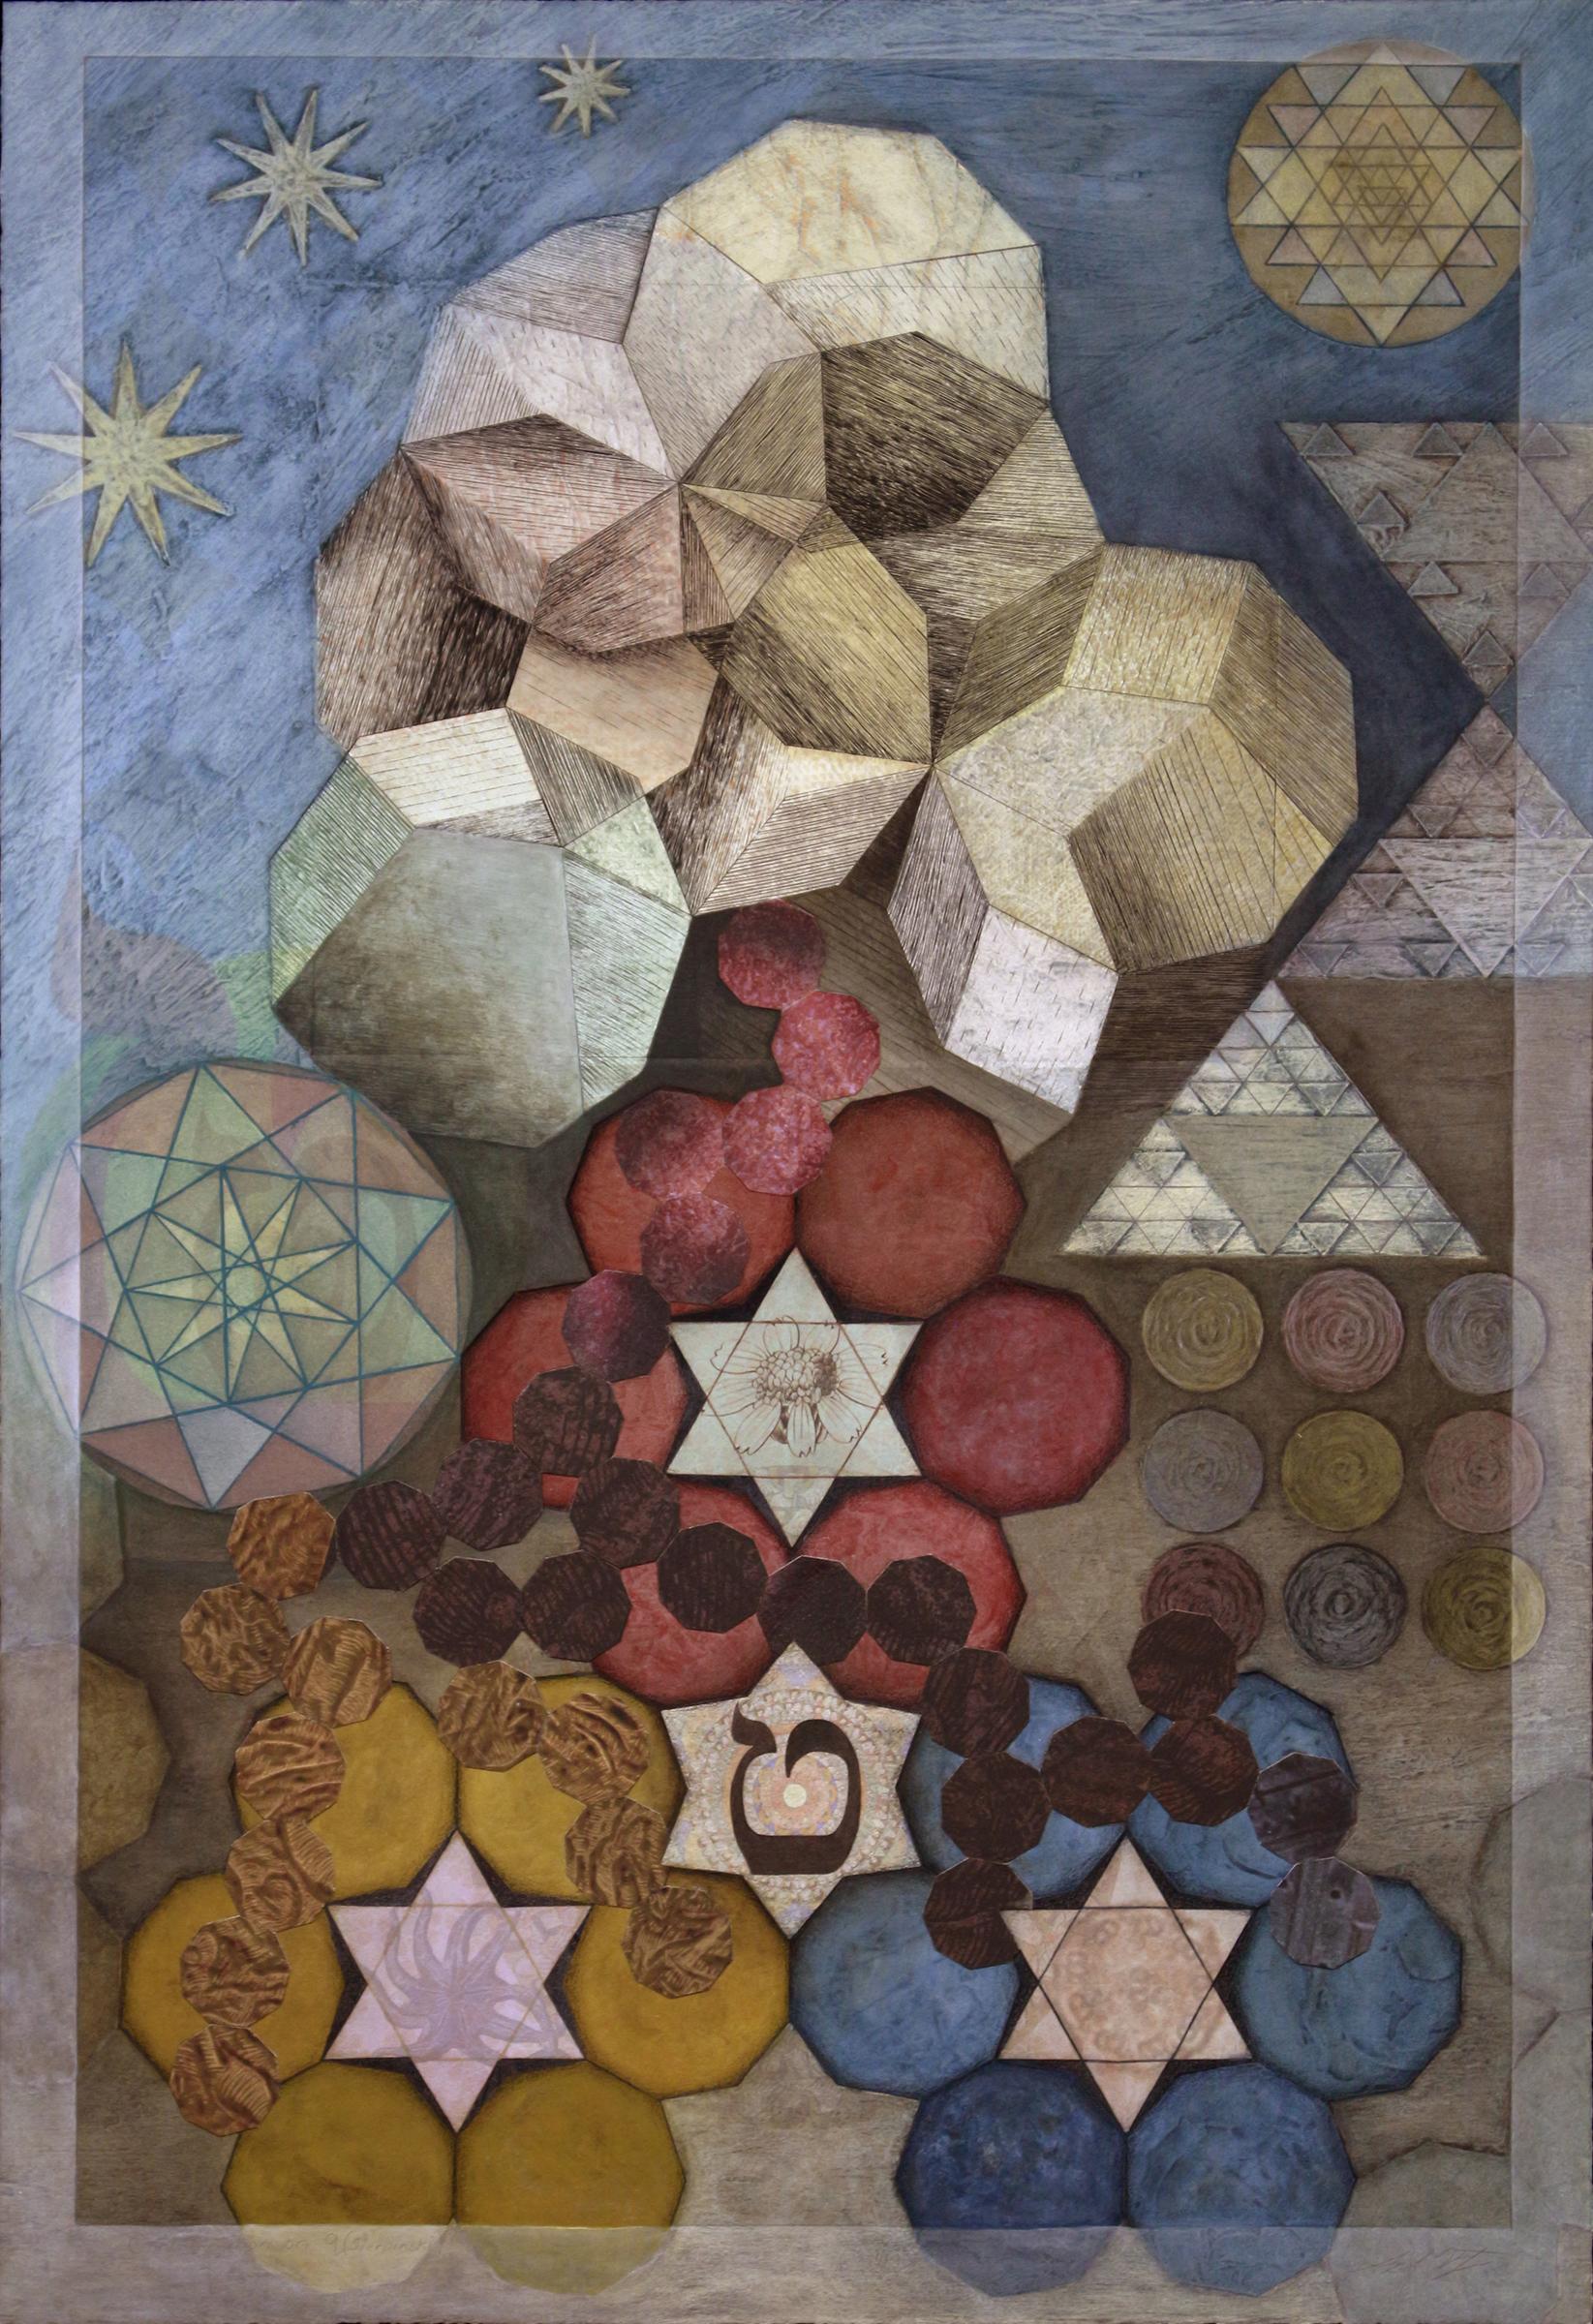 Contemplation on 9 (Sierpinski)